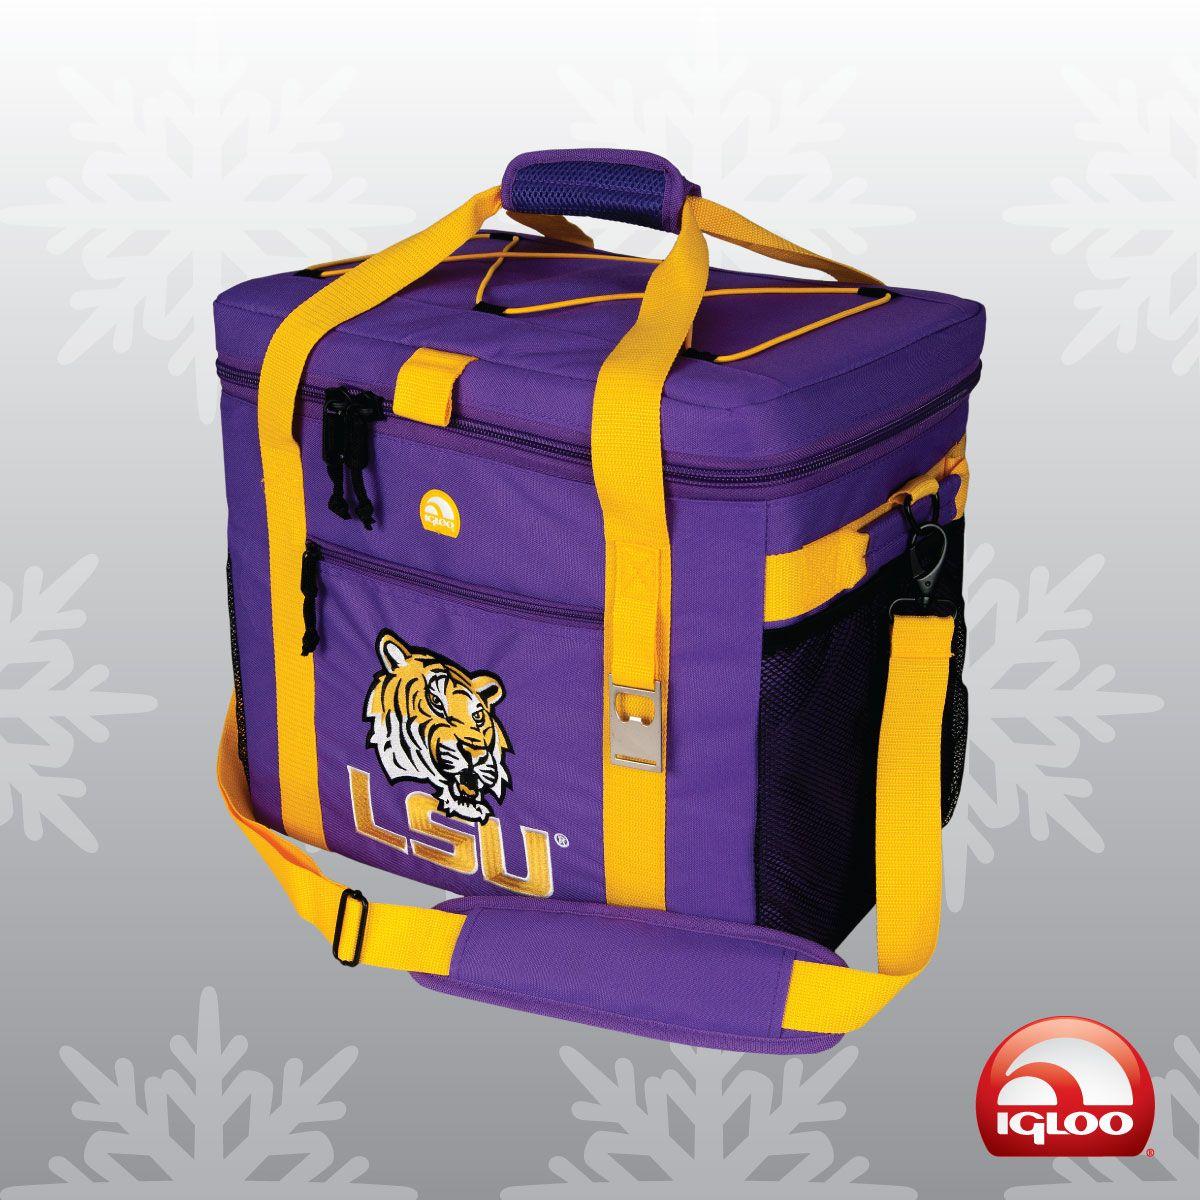 Igloo 45 Ultra 2 Day Cooler Lsu Picnic Bag Diaper Bag Bags